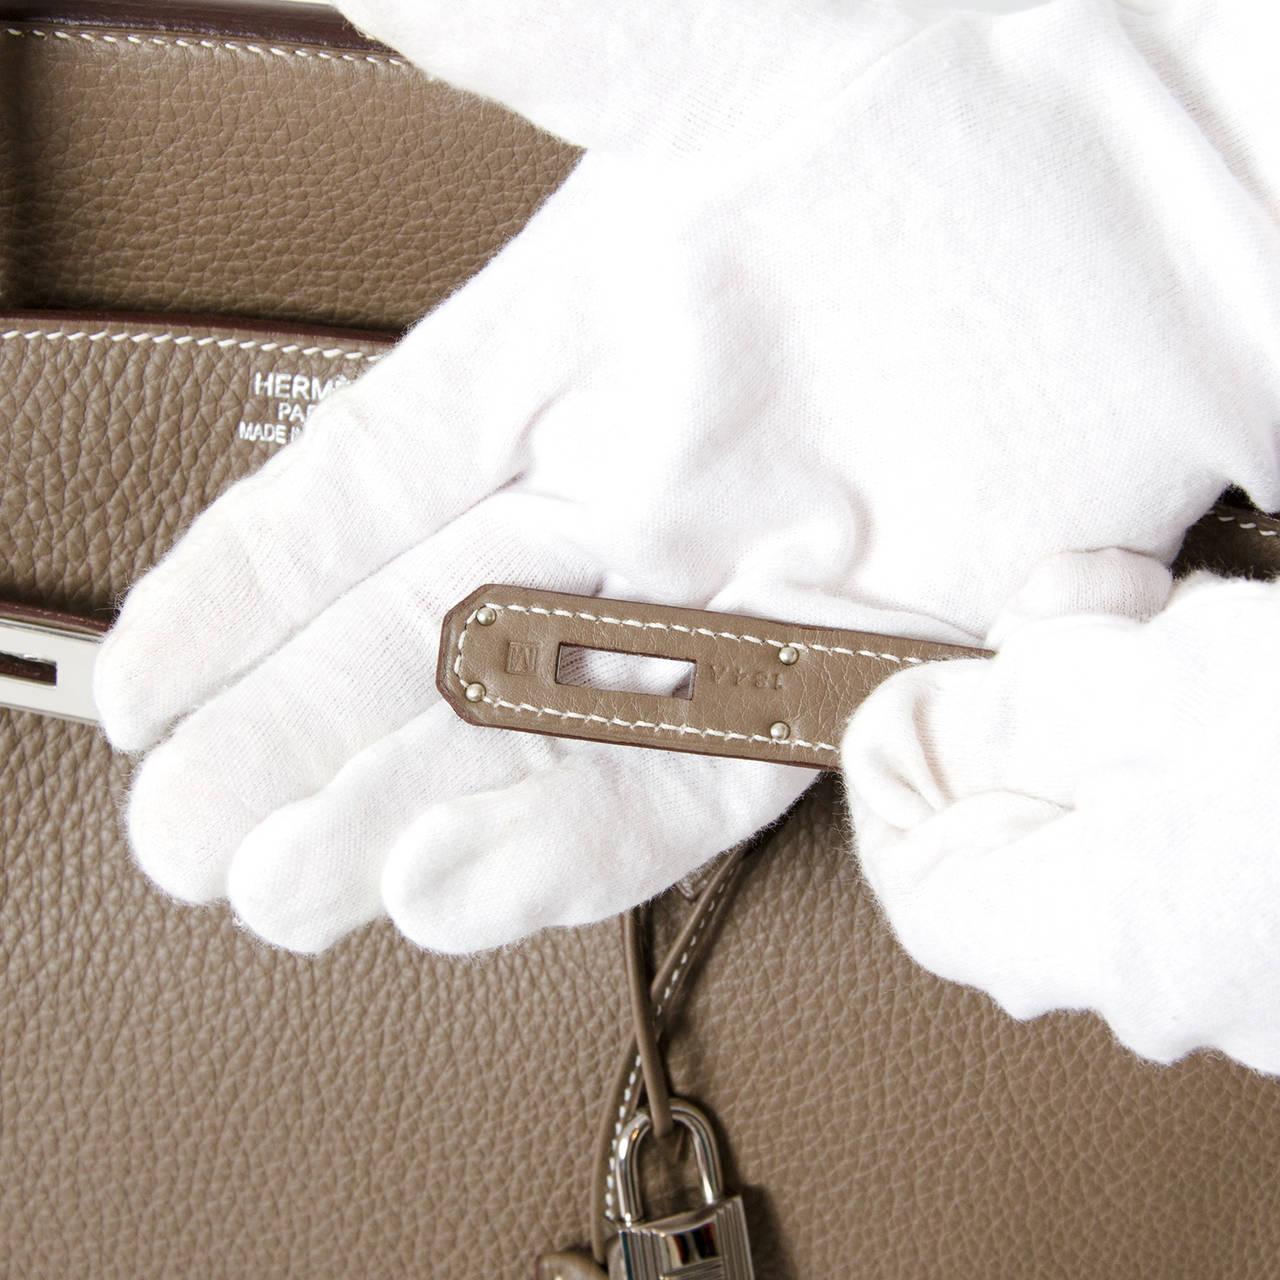 Hermès Birkin Bag 40cm Togo Etoupe Grey PHW 5